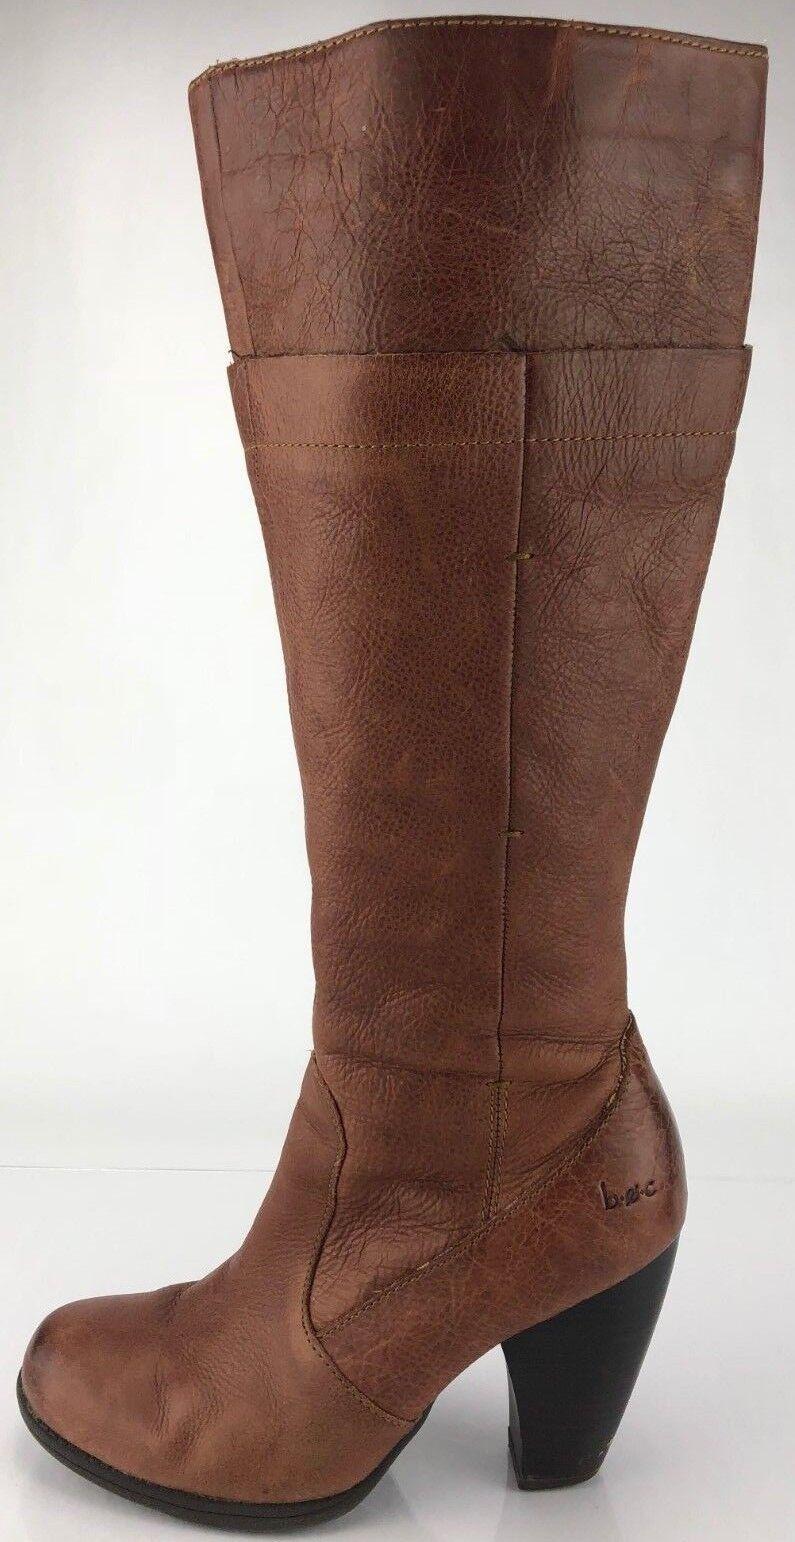 Zapatos de Vestir Vestir Vestir Boc la rodilla botas altas-Cremallera Lateral Cuero Tacón Moda para mujer 7 Marrón  promociones de descuento